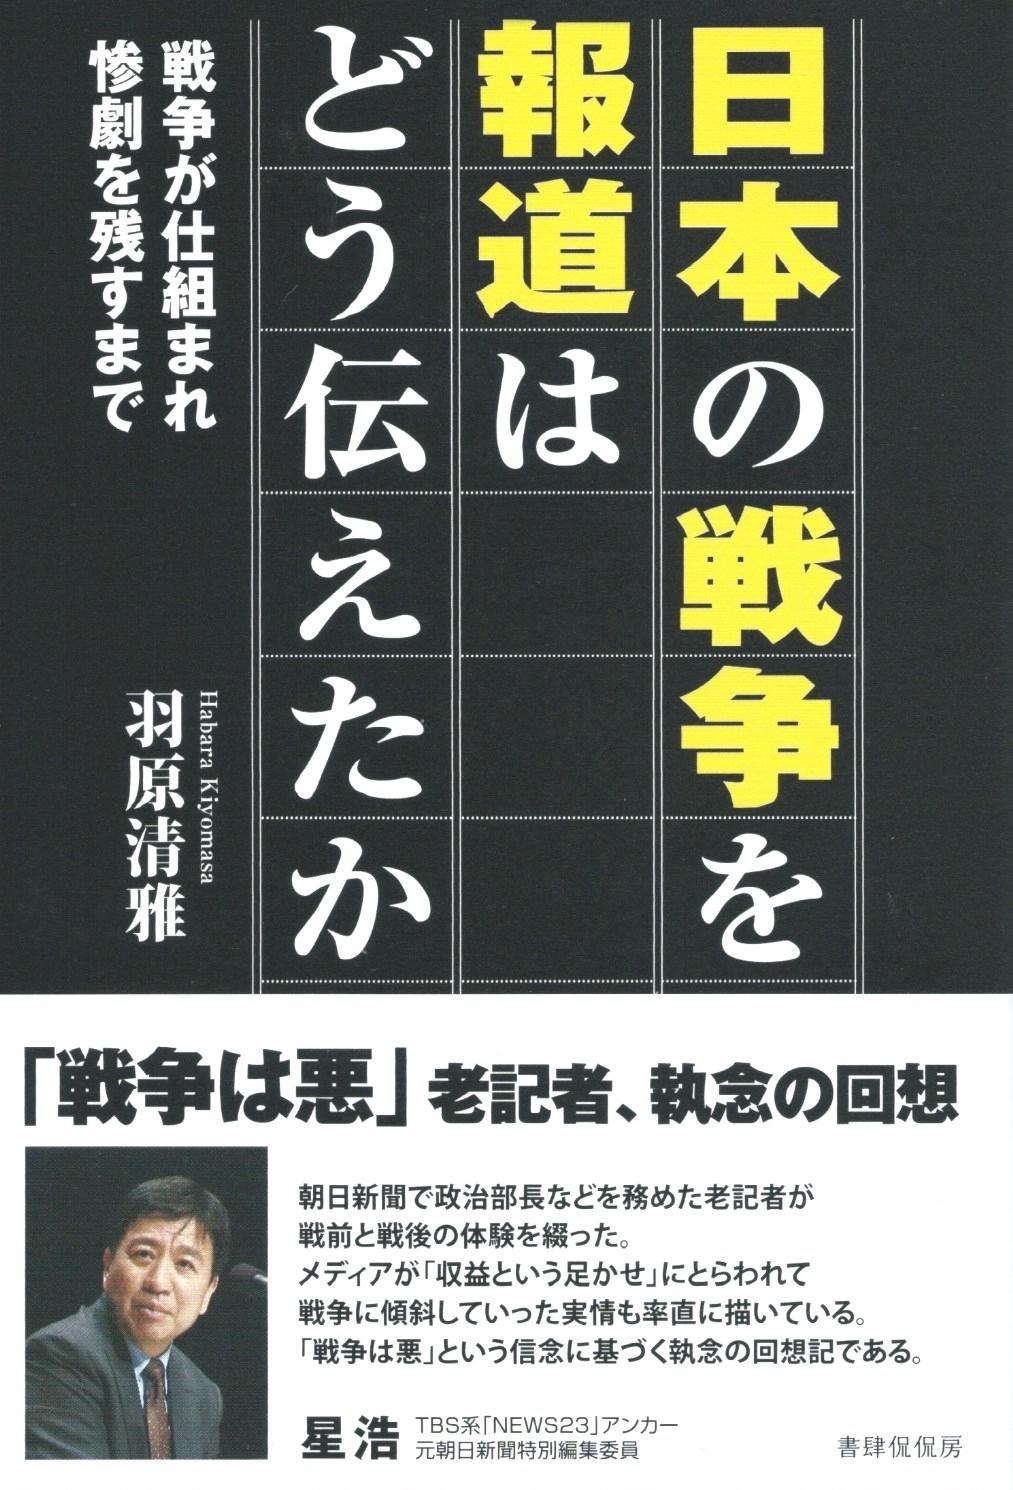 日本の戦争を報道はどう伝えたか 戦争が仕組まれ惨劇を残すまで